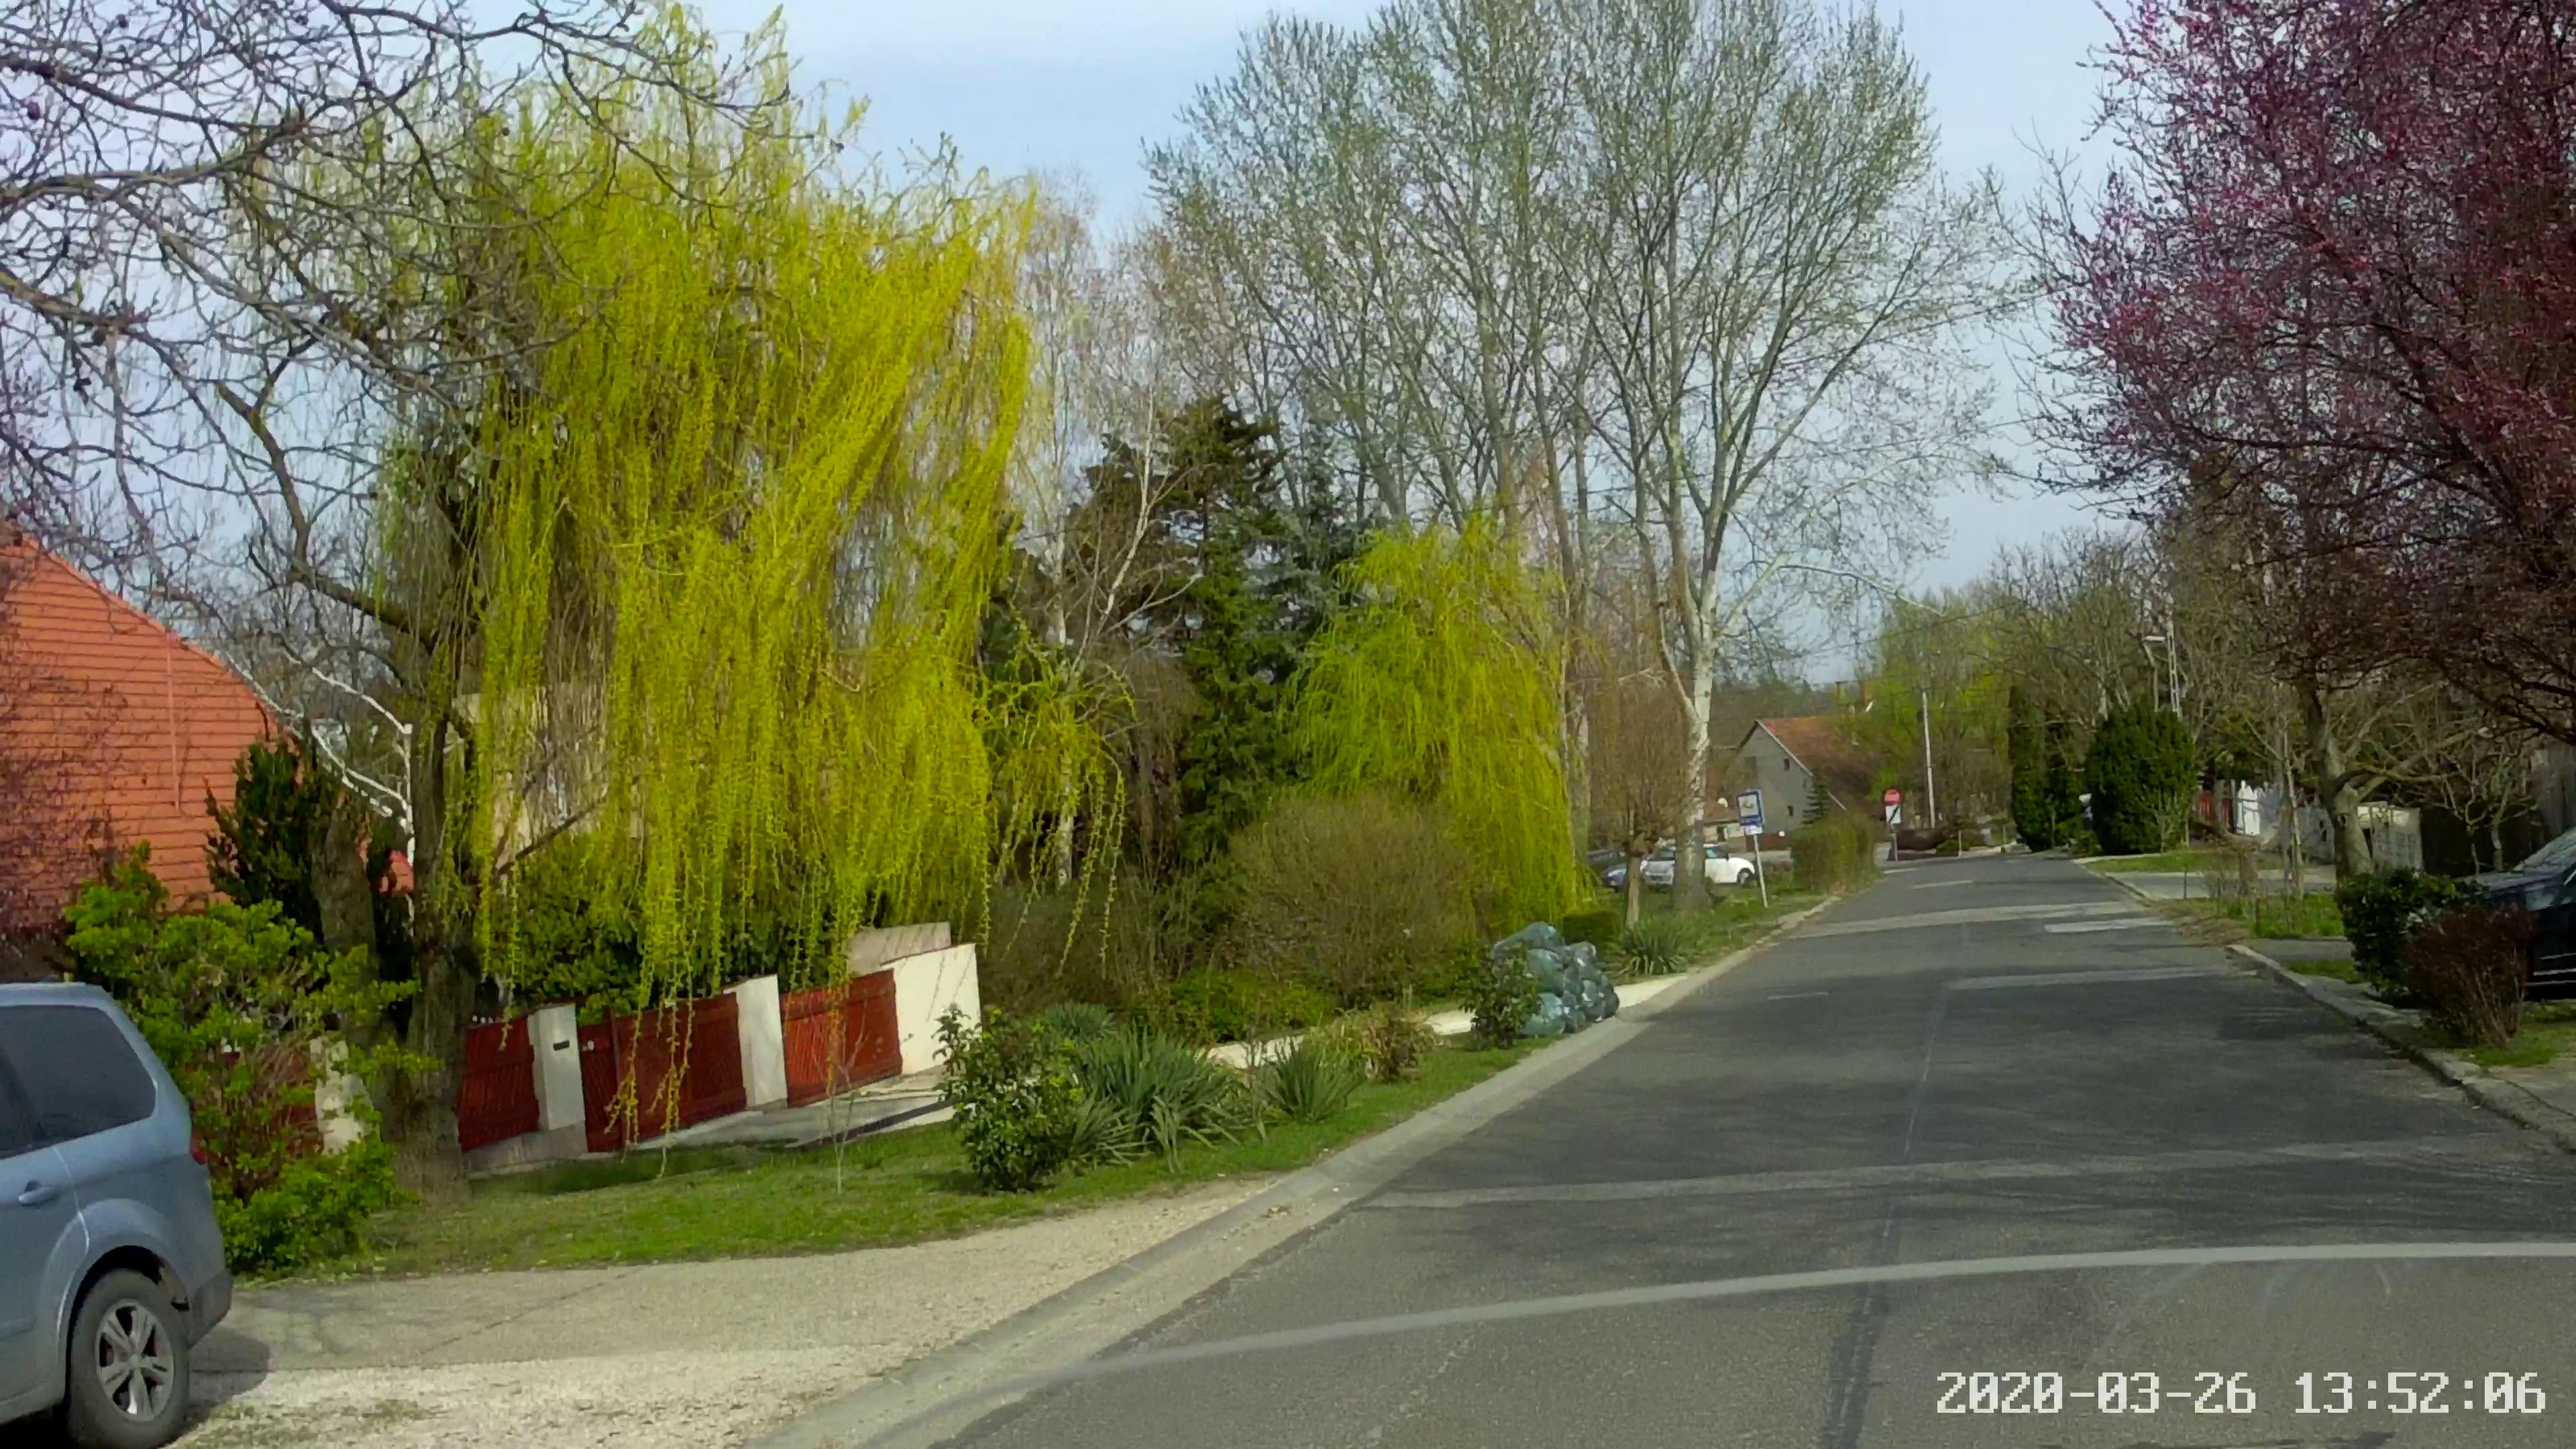 Törökbálinton már tavaszias a hangulat, itt dominál a zöld. Forgalom és ember az utcákon egészen minimális.